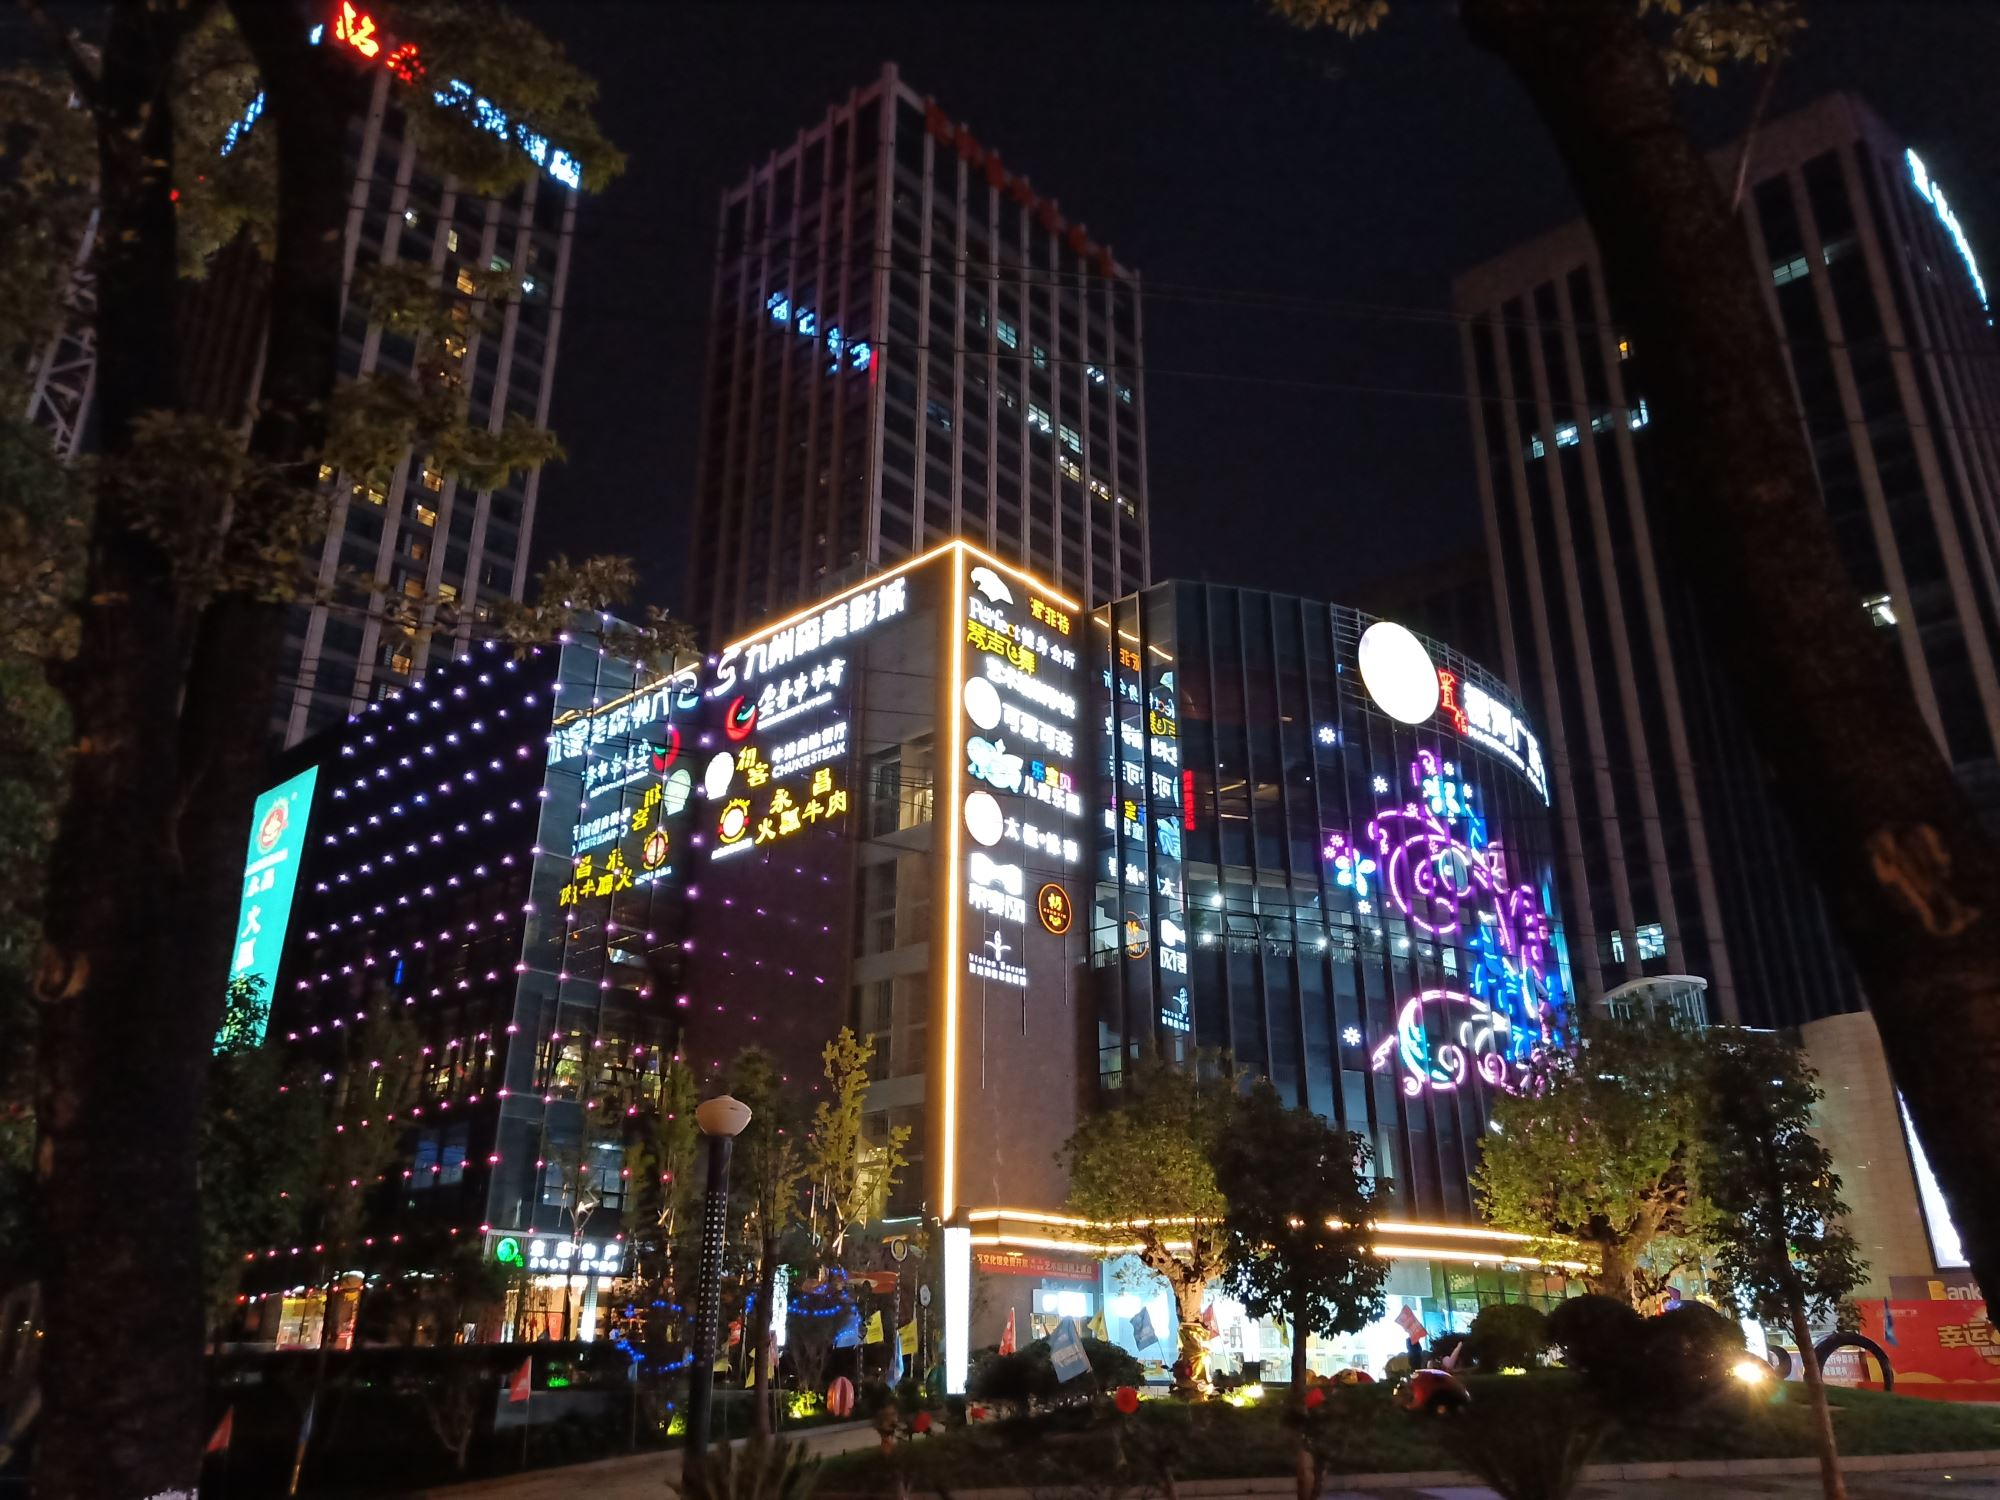 差异化布局 创新商业模式 置信银河广场全面提升核心竞争力